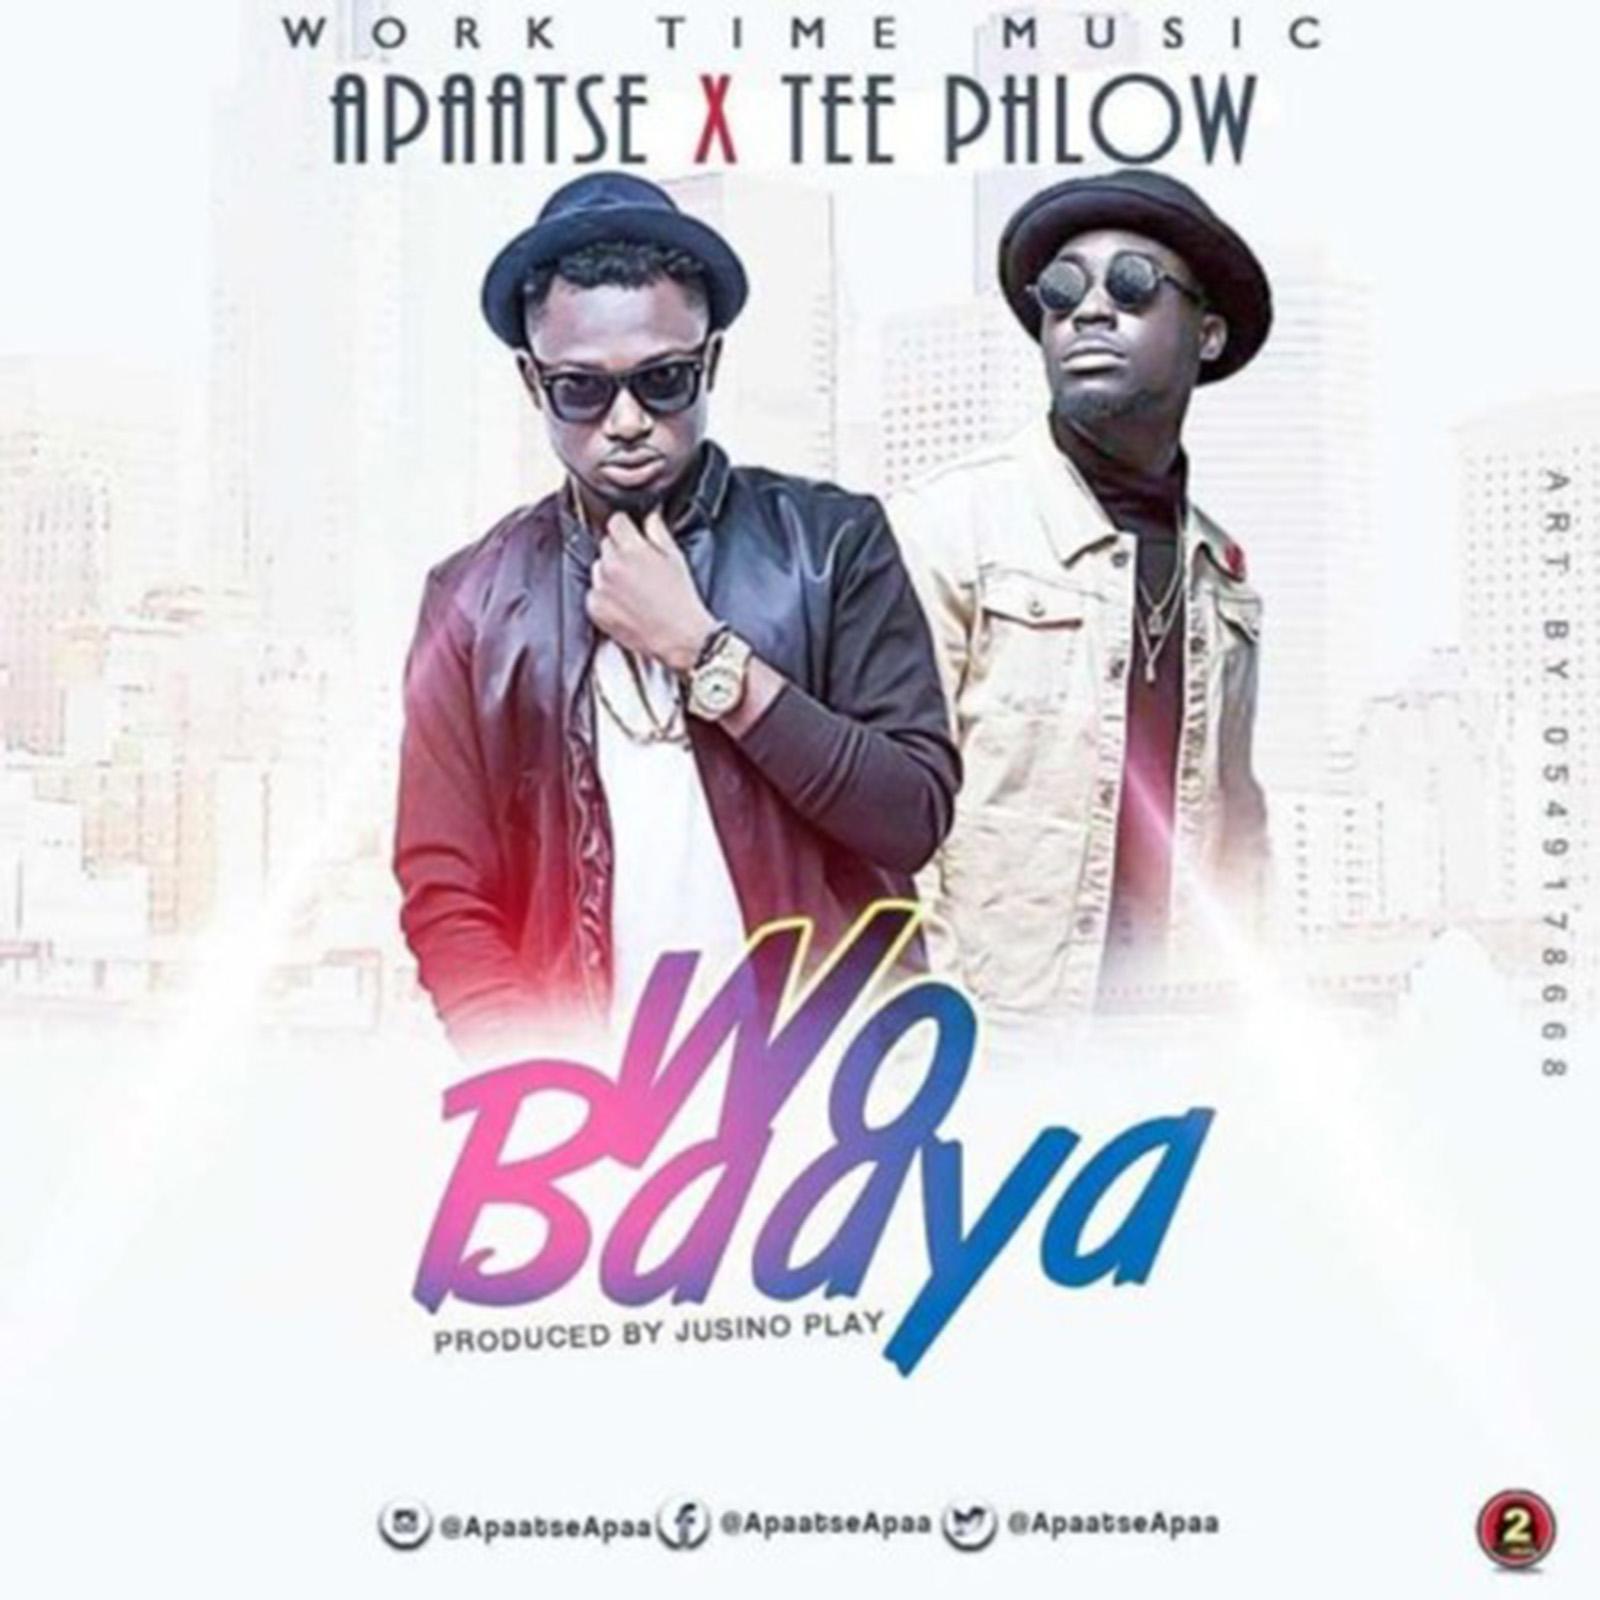 Wo Baaya by Apaatse feat. TeePhlow